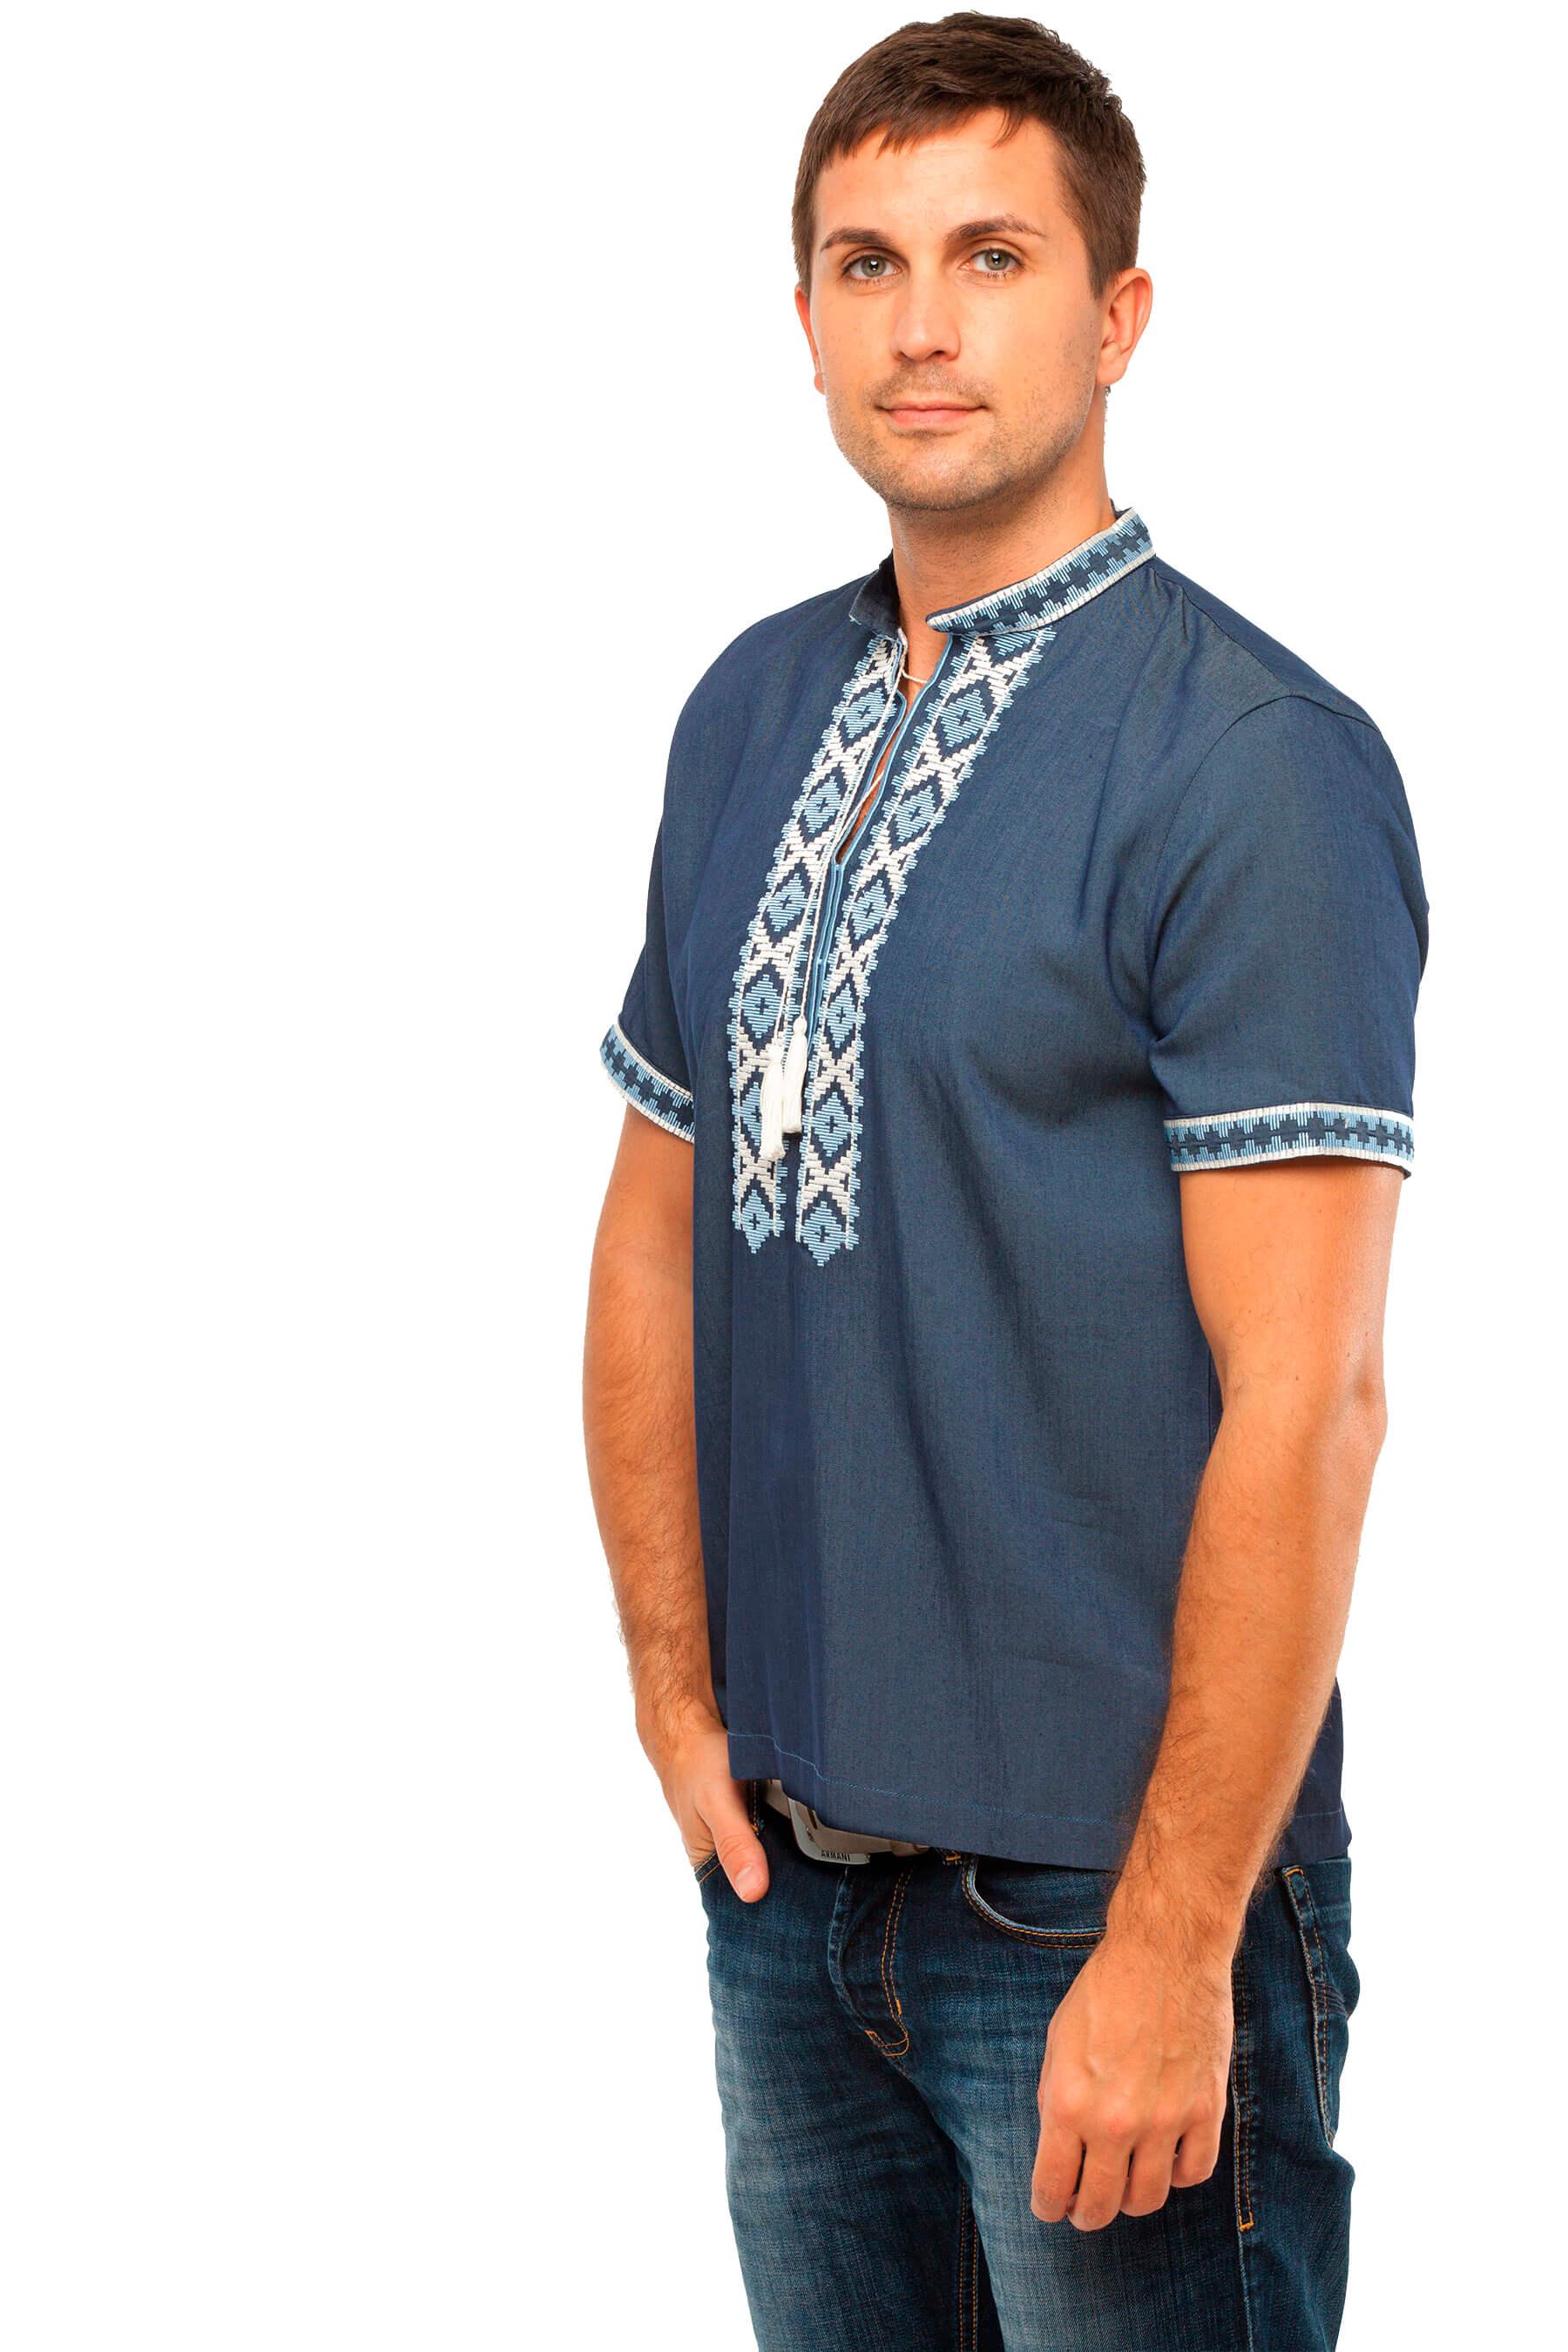 Чоловіча сорочка «Колодочка» із високоякісної тканини - 2KOLYORY c3a6493572541